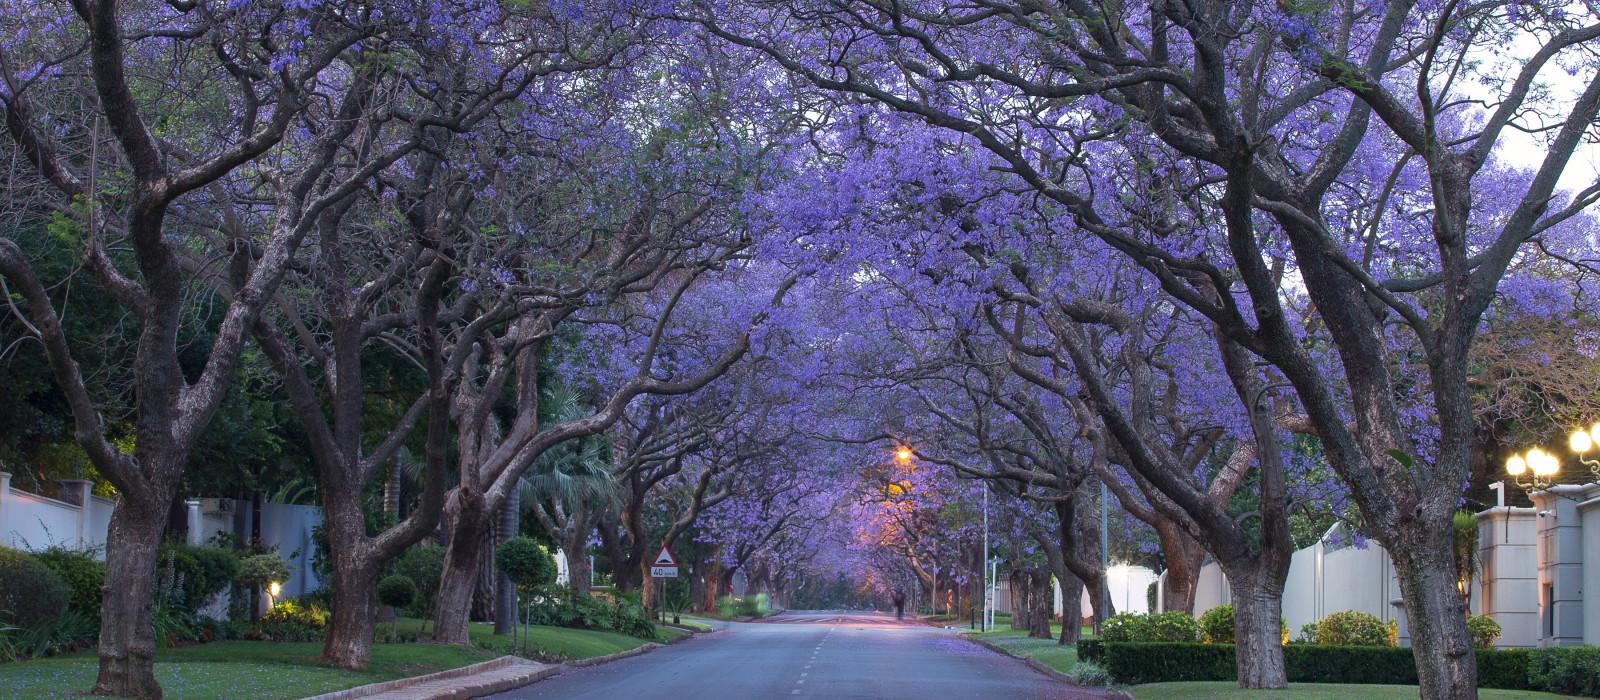 Straßen von Johannesburg, Südafrika